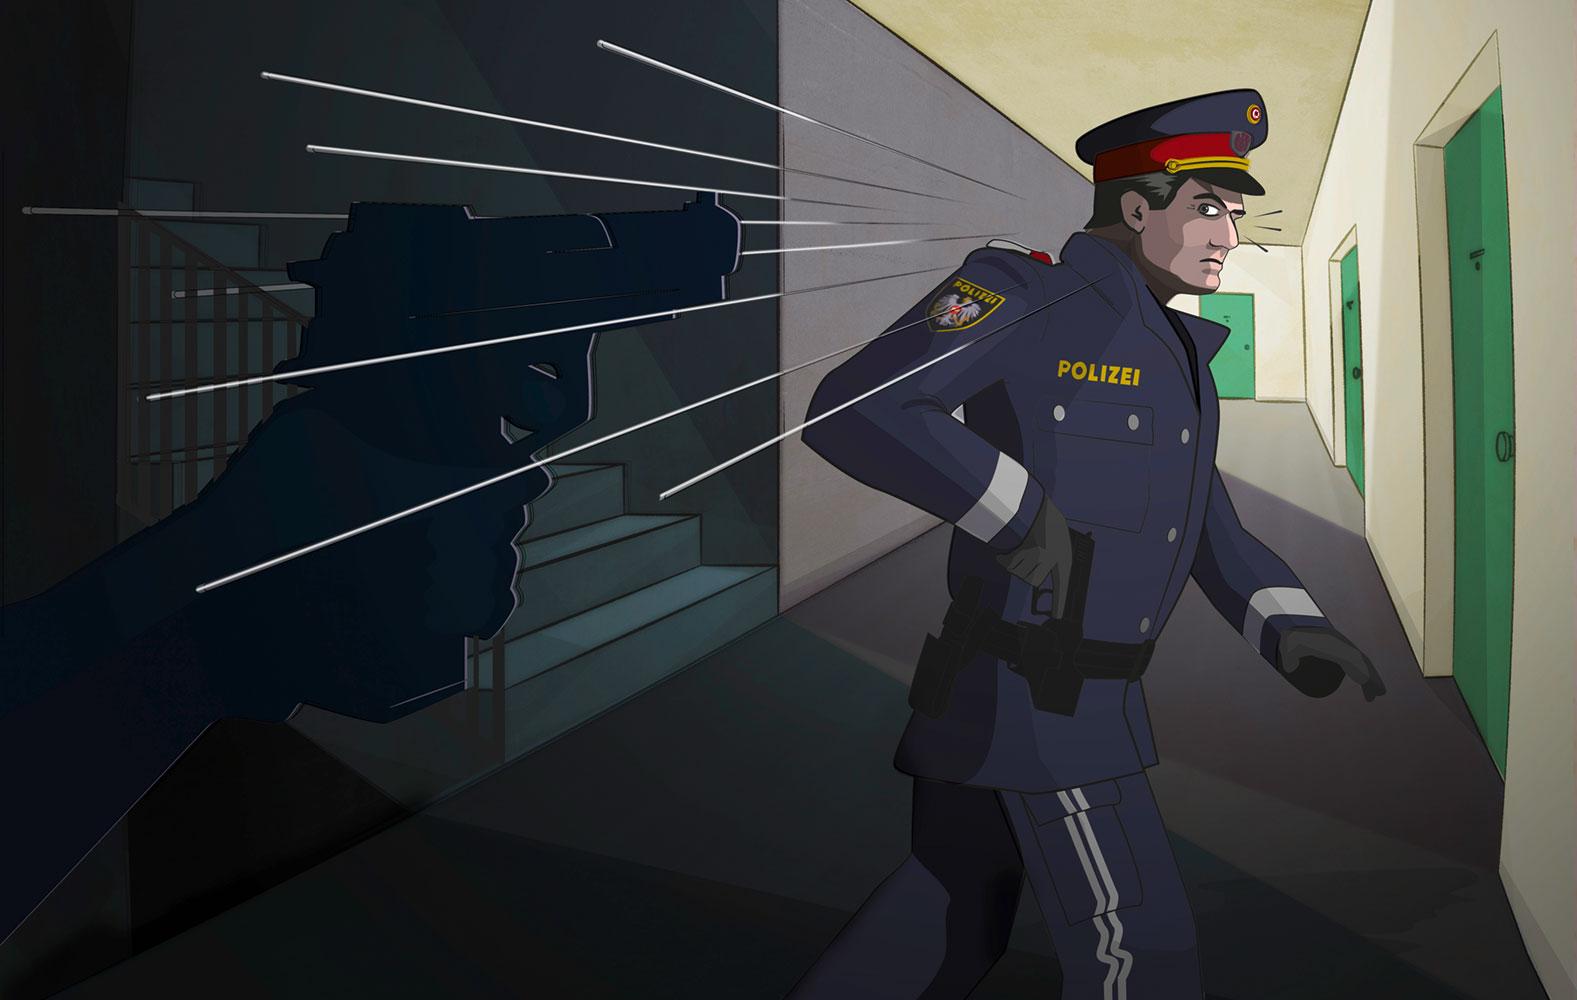 Internes Schreiben: Polizeispitze will Misshandlungen nicht